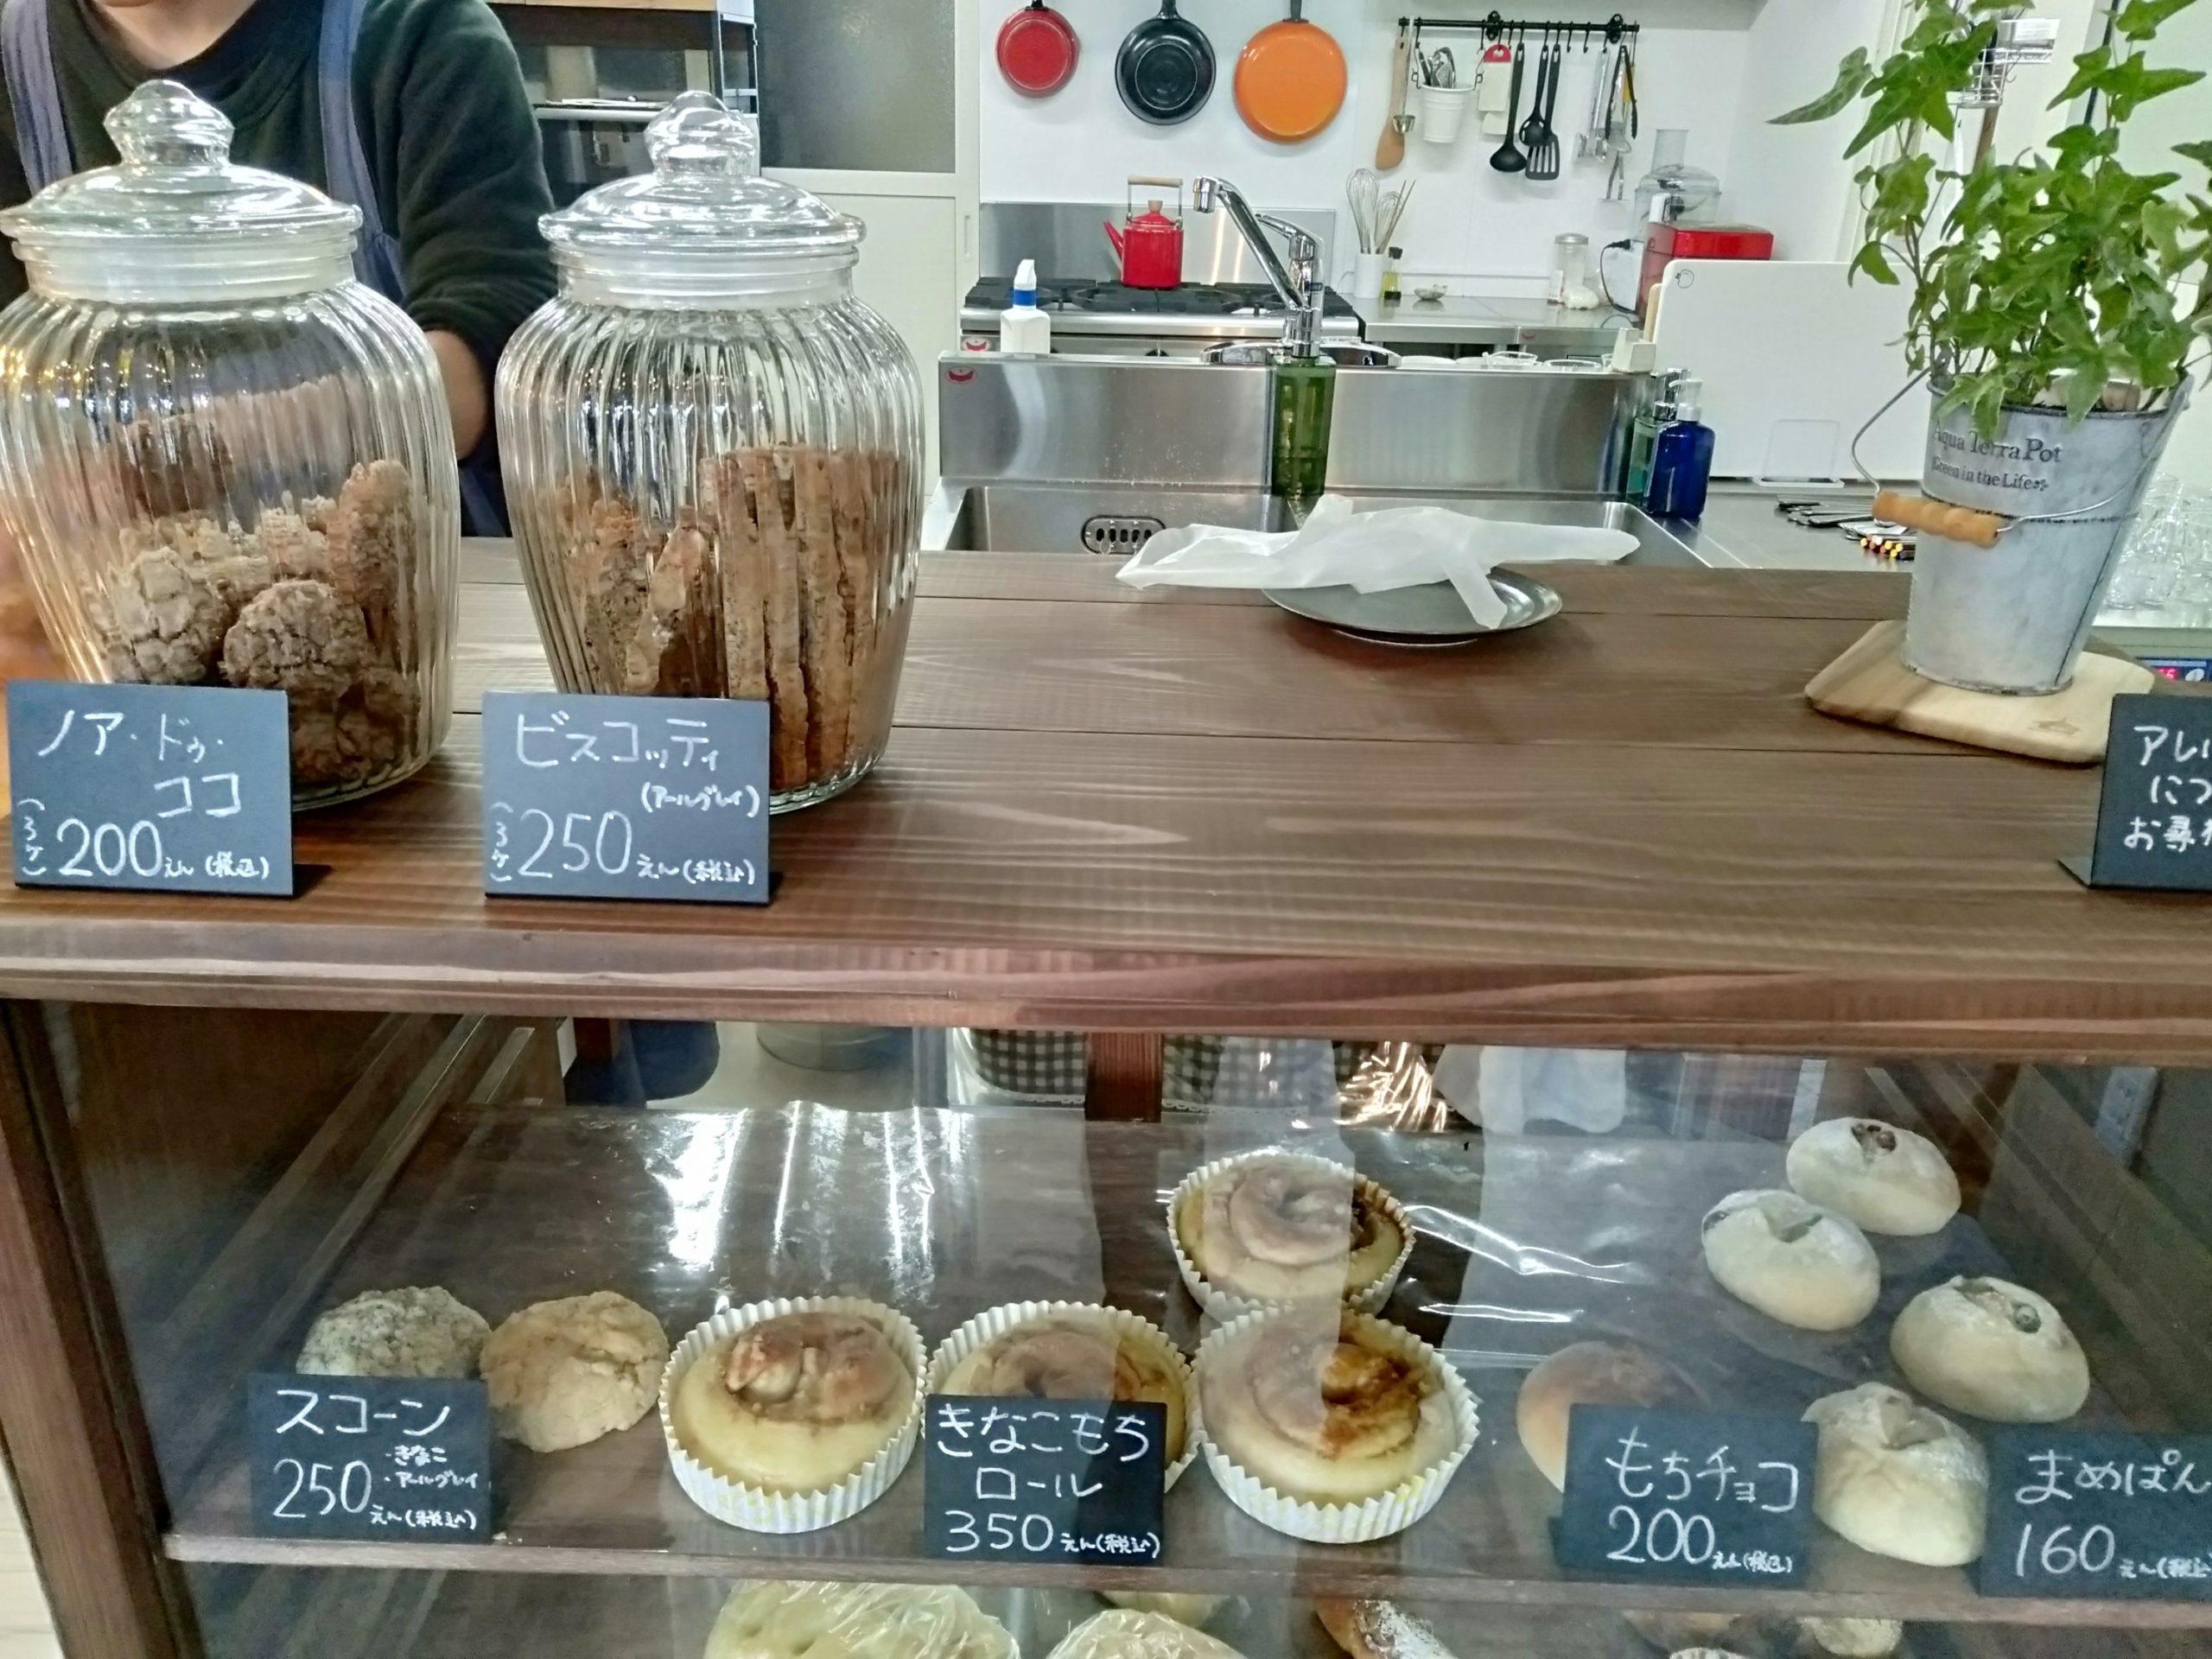 高岡市にオープンしたパン屋さん月とカンパニオ